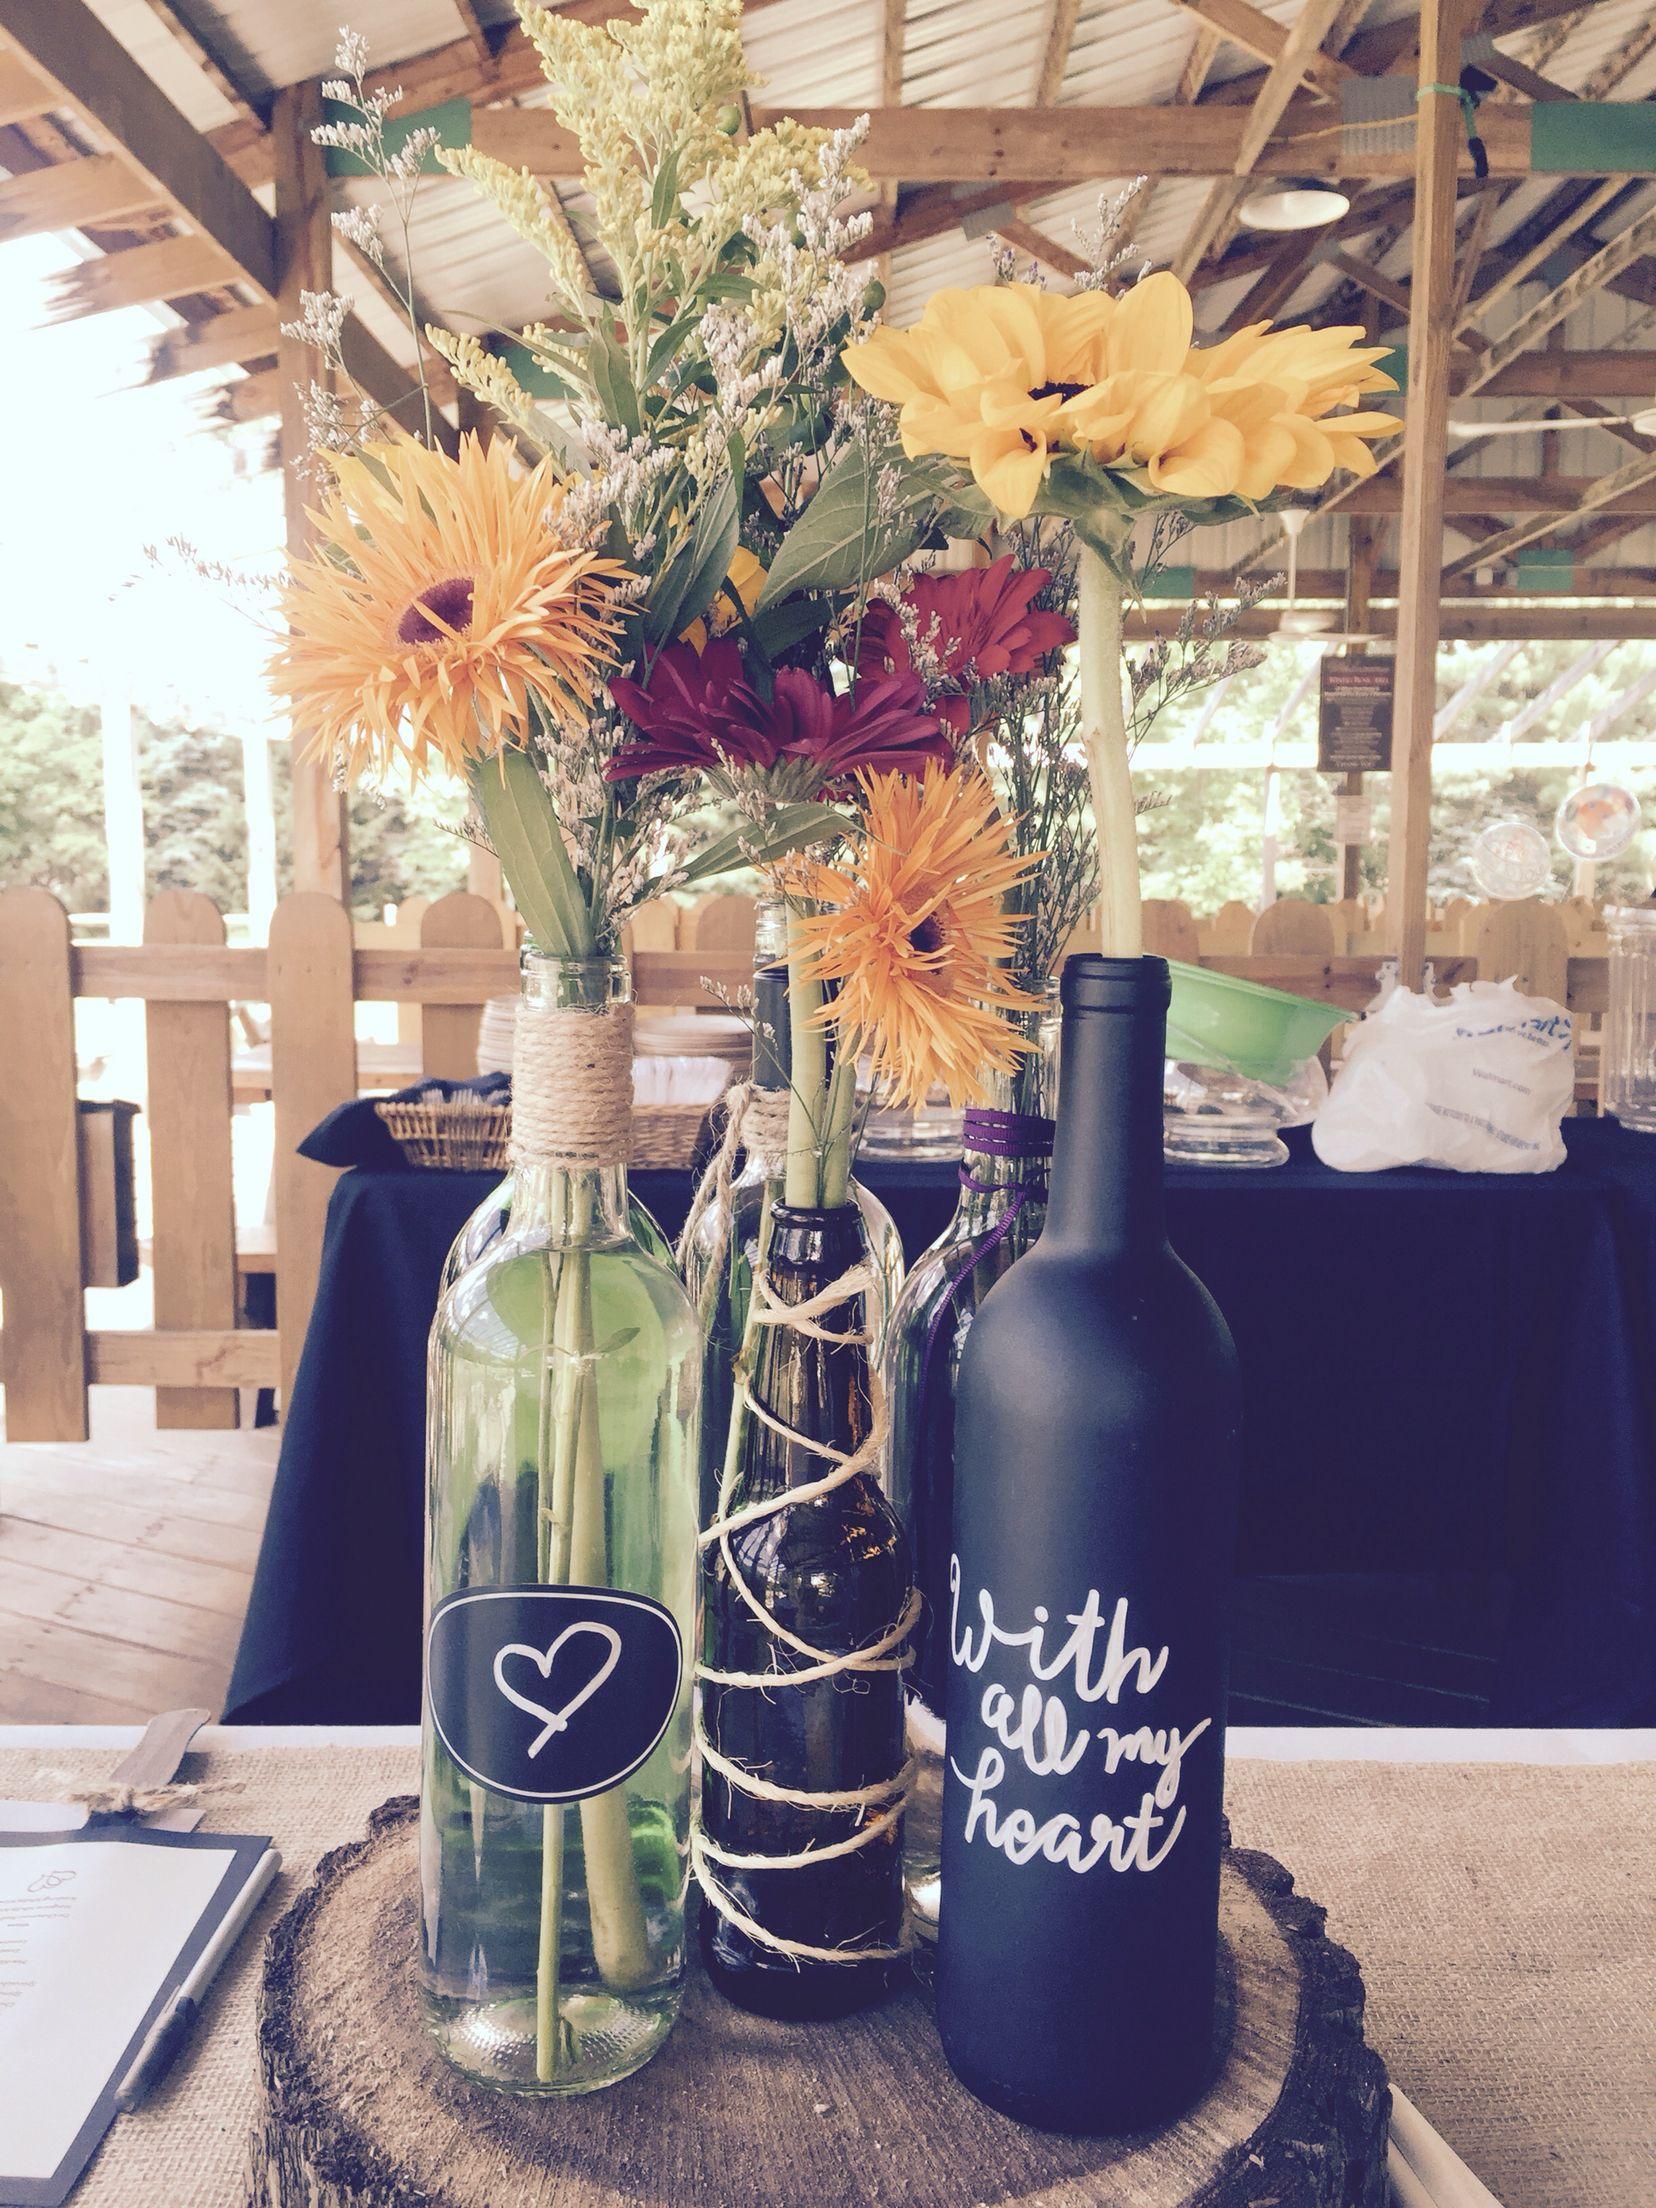 Winery Bridal Shower - Spray painted chalkboard wine bottle, hand written